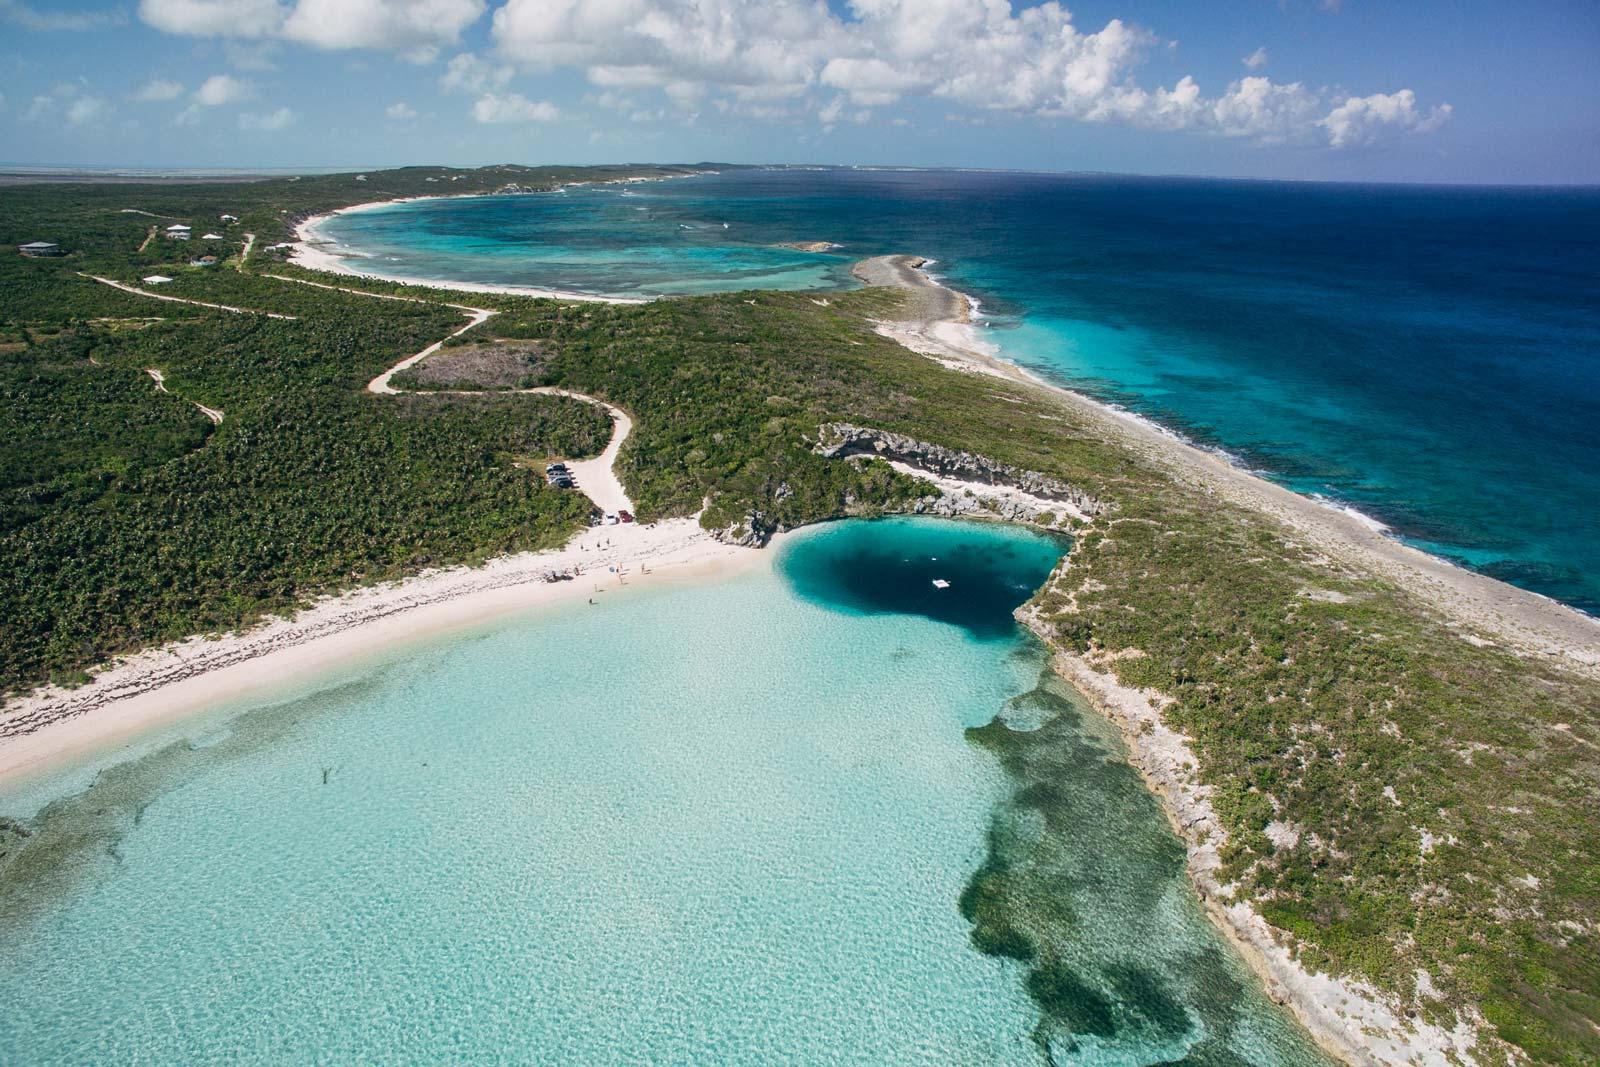 que faire a long island bahamas?